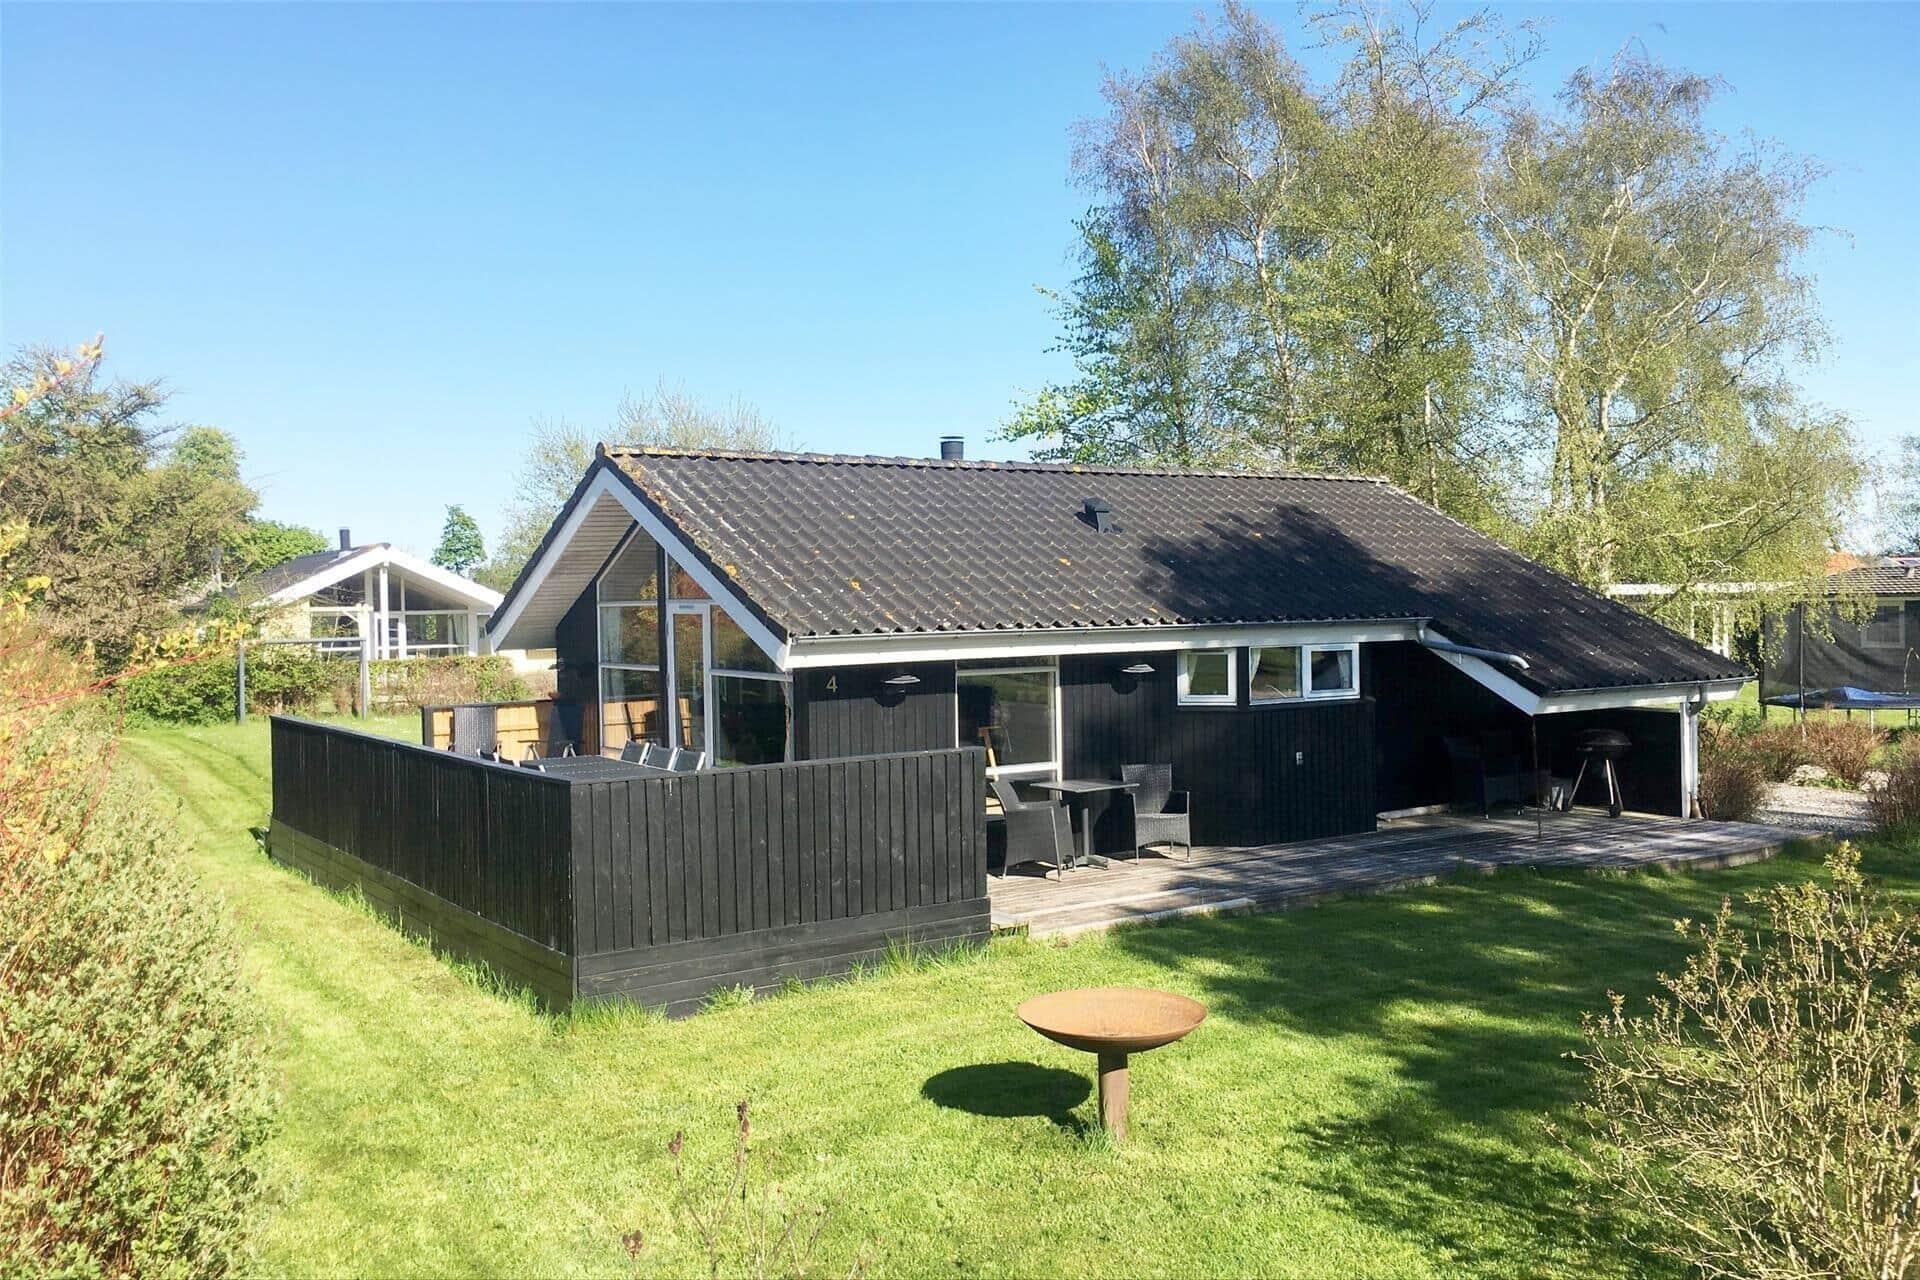 Billede 1-3 Sommerhus M64372, Sneppevej 4, DK - 5464 Brenderup Fyn